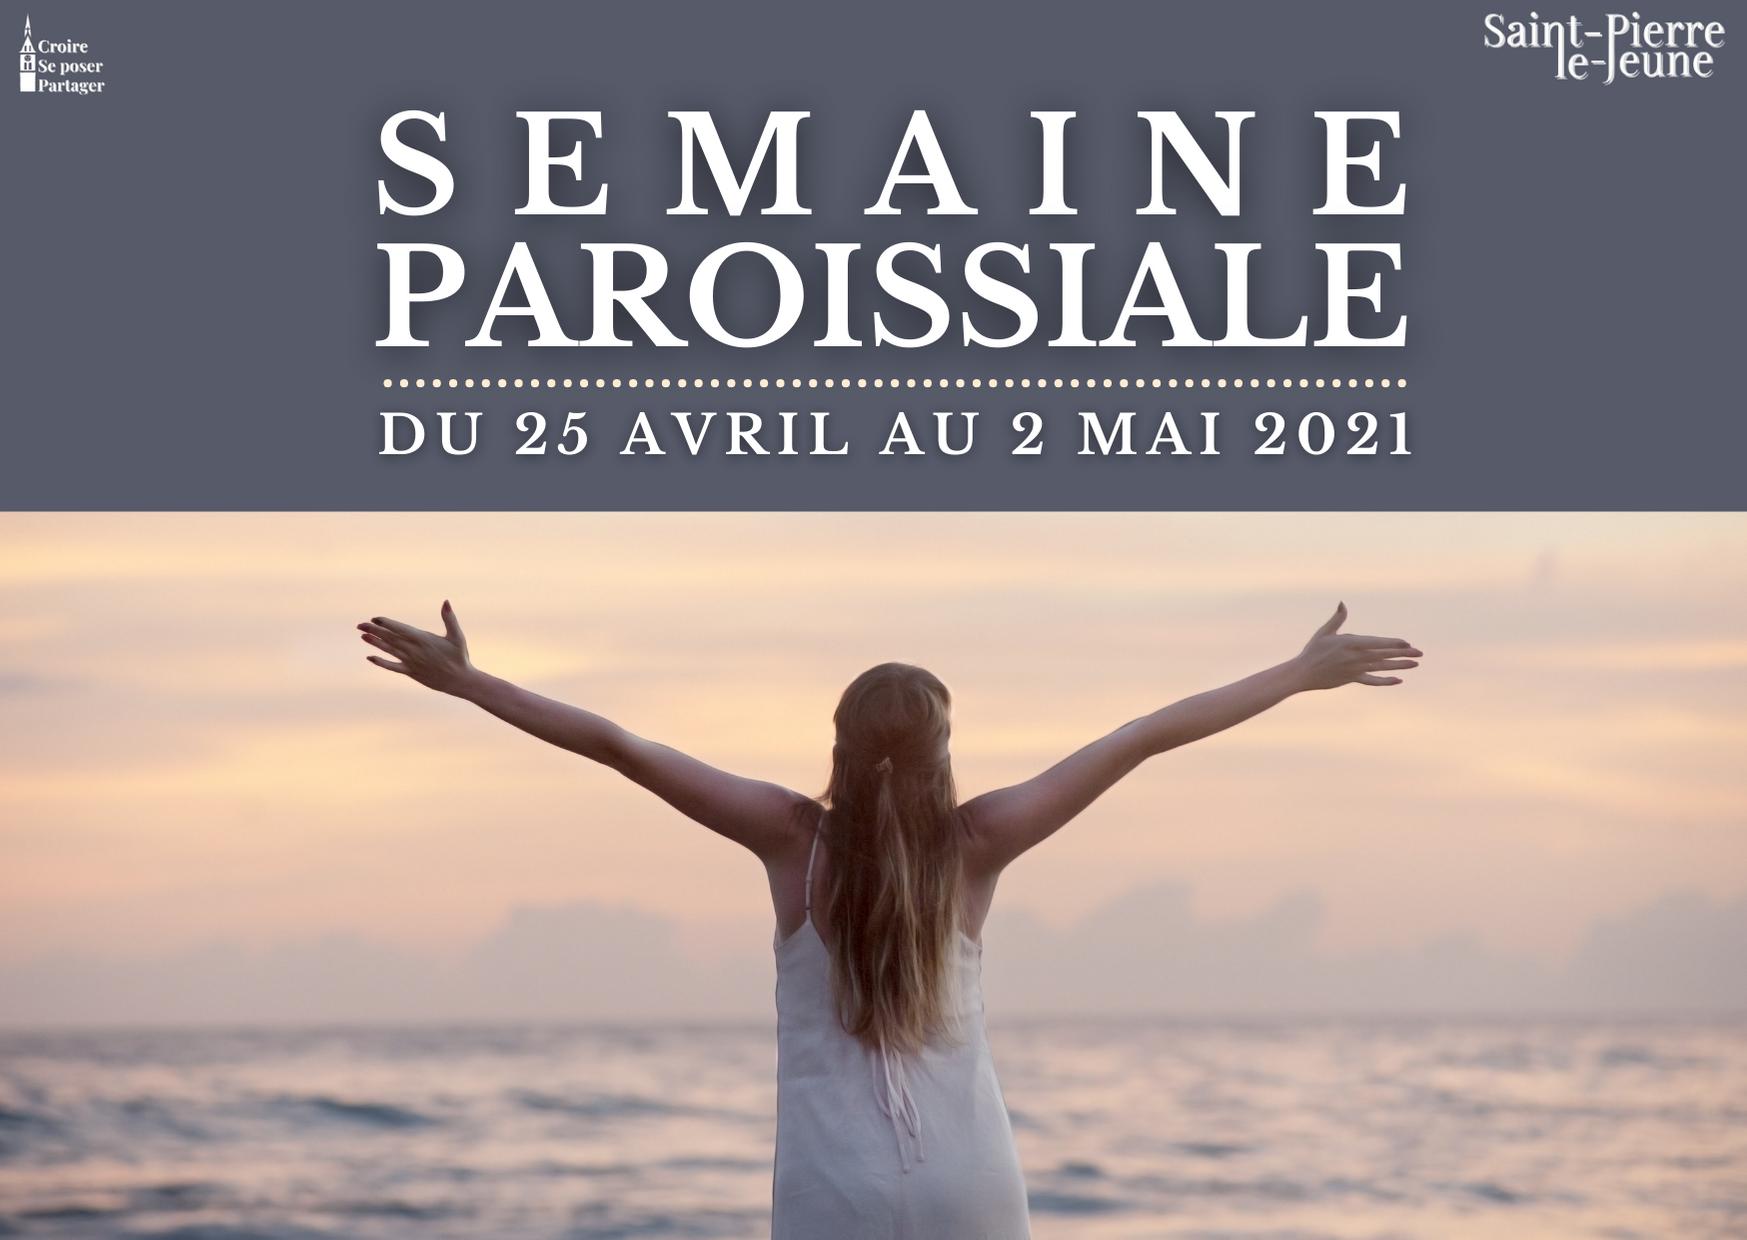 Semaine paroissiale - 25 avril 2021